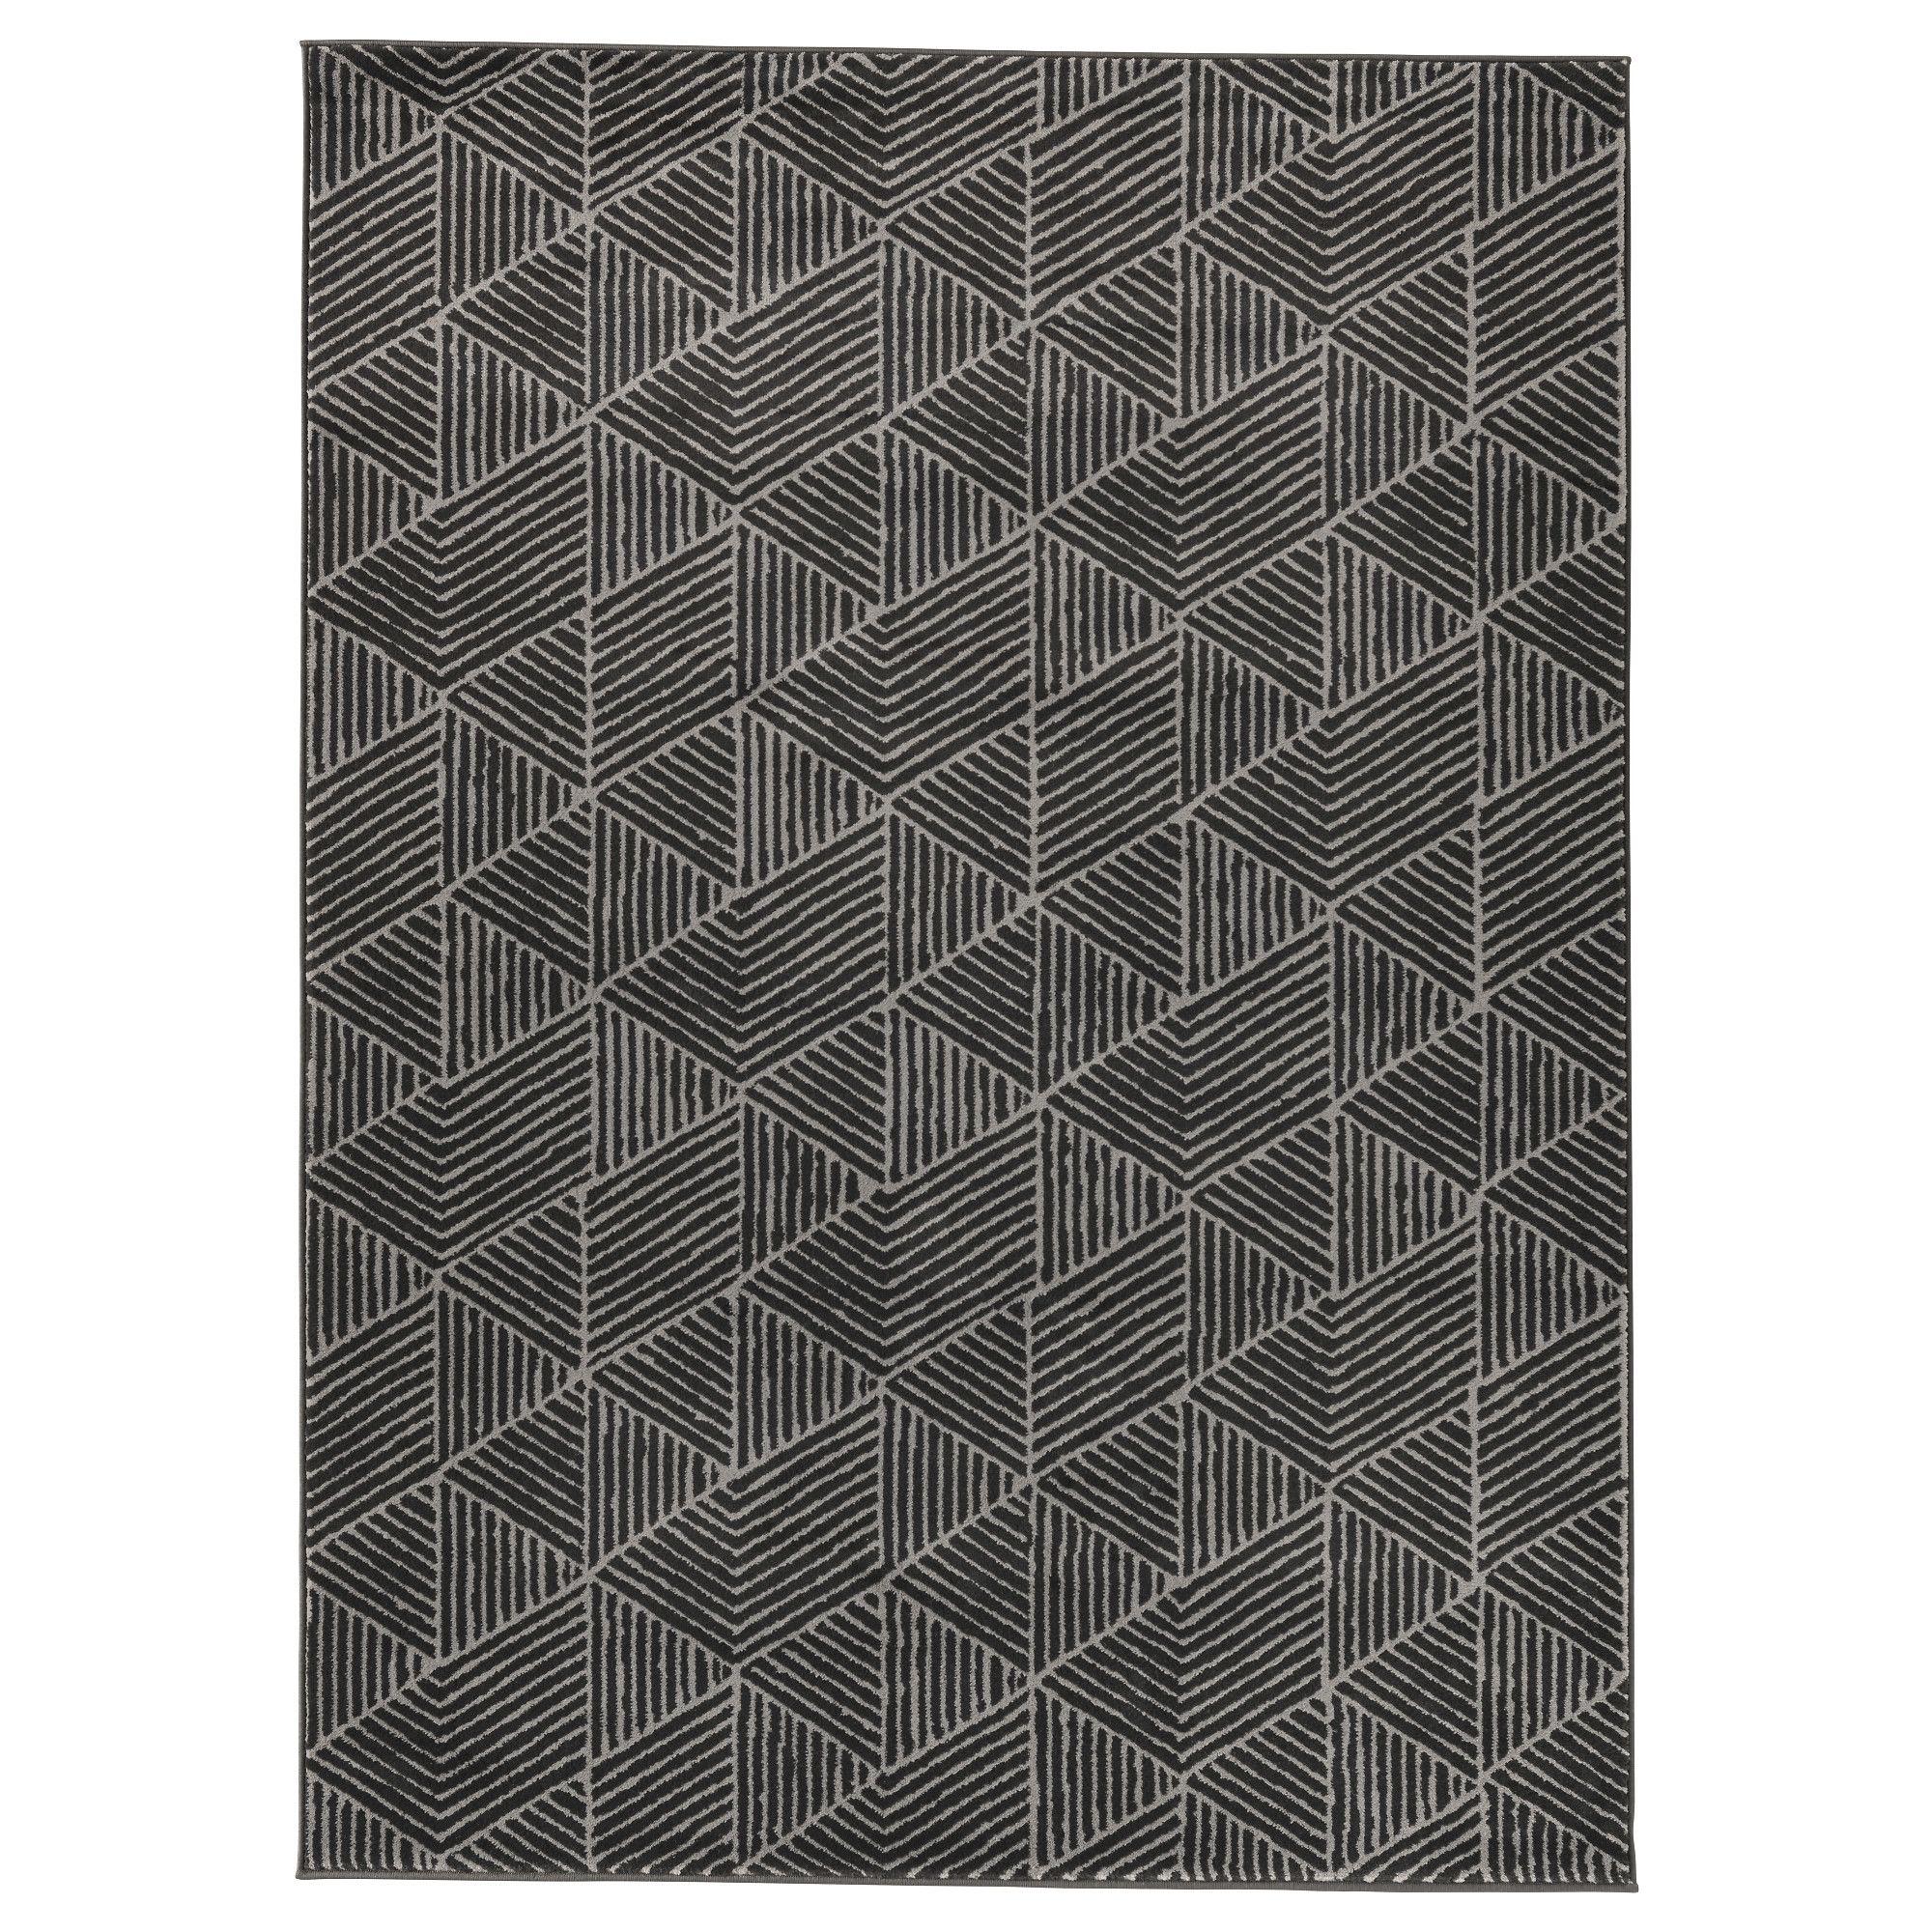 Wyposazenie Domu Ikea Rug Rugs Animal Print Rug